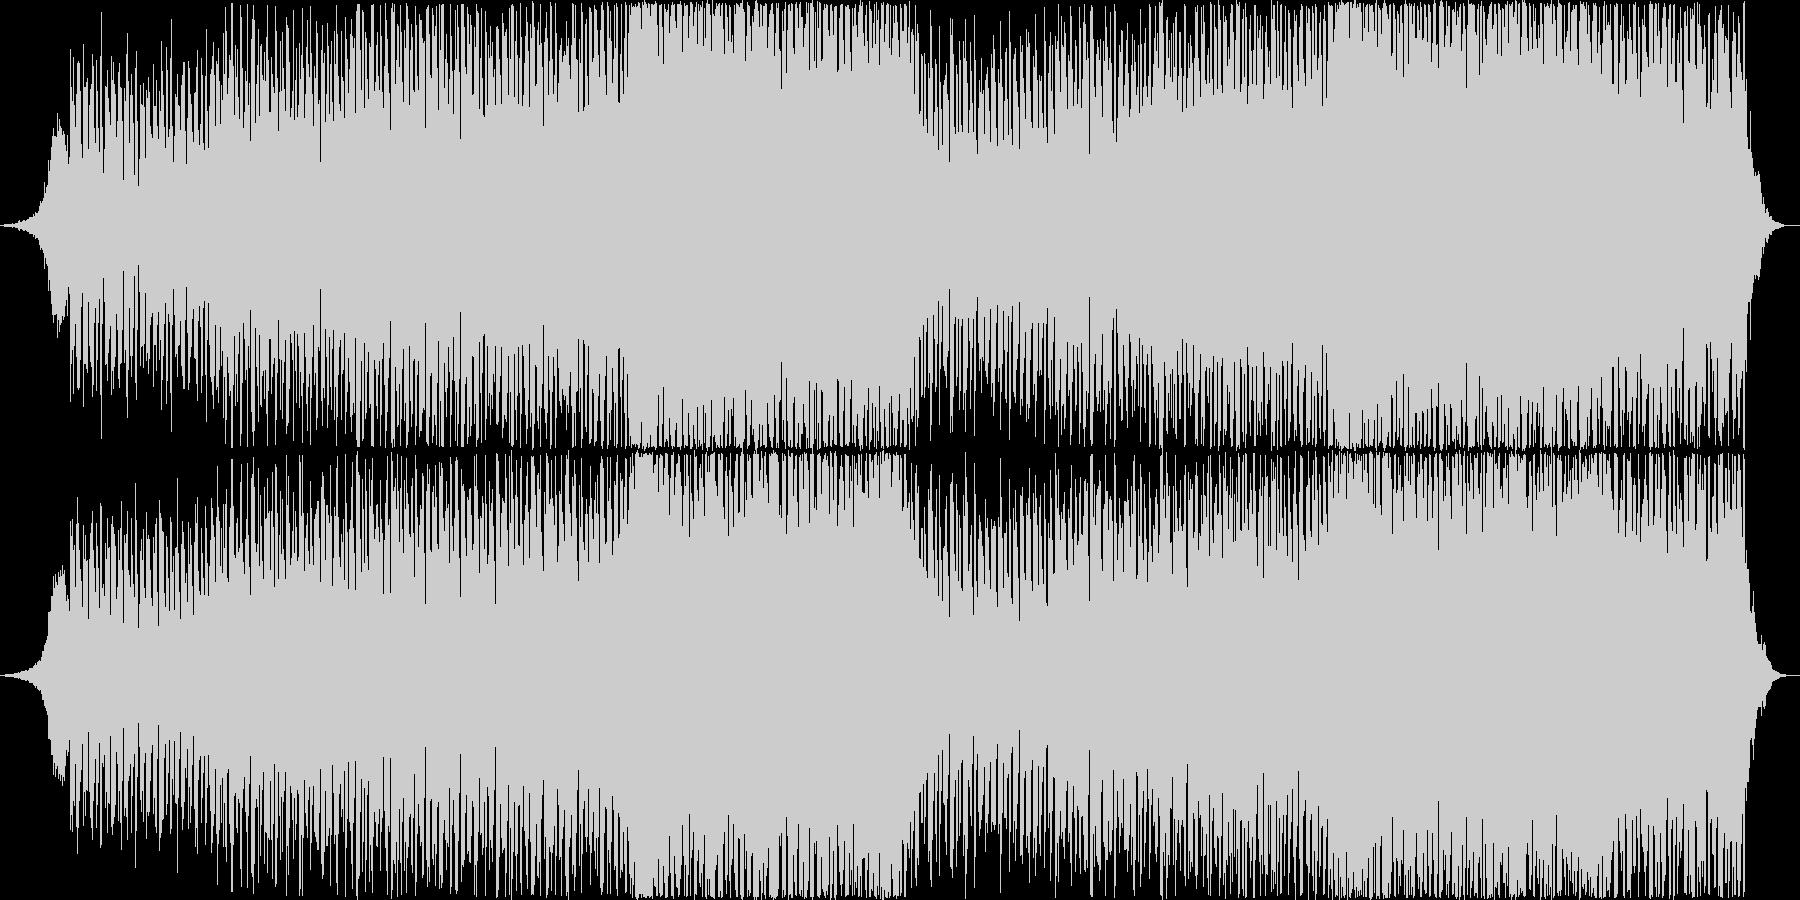 映画音楽、シネマティック映像向け-16の未再生の波形